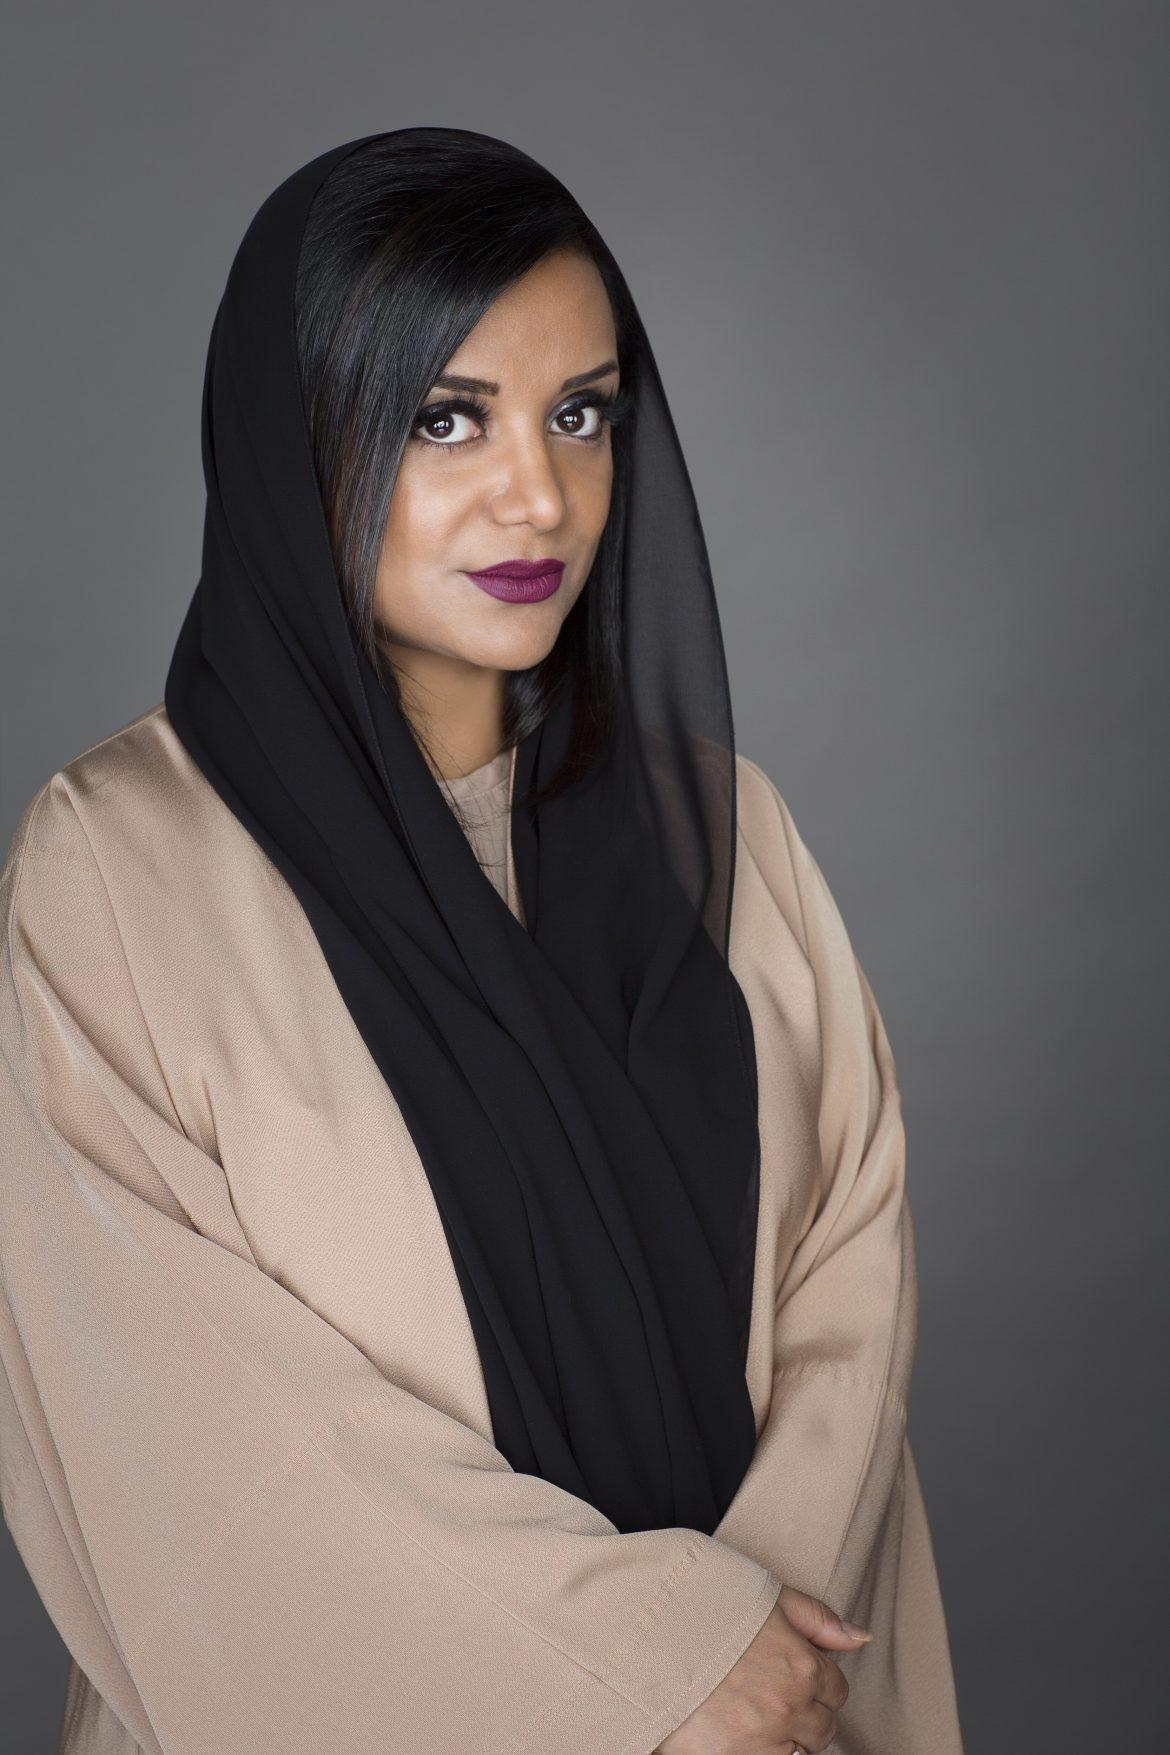 إنطلاق أعمال التصوير لفيلم الرعب الجديد الظل للمخرجة نايلة الخاجة في دبي